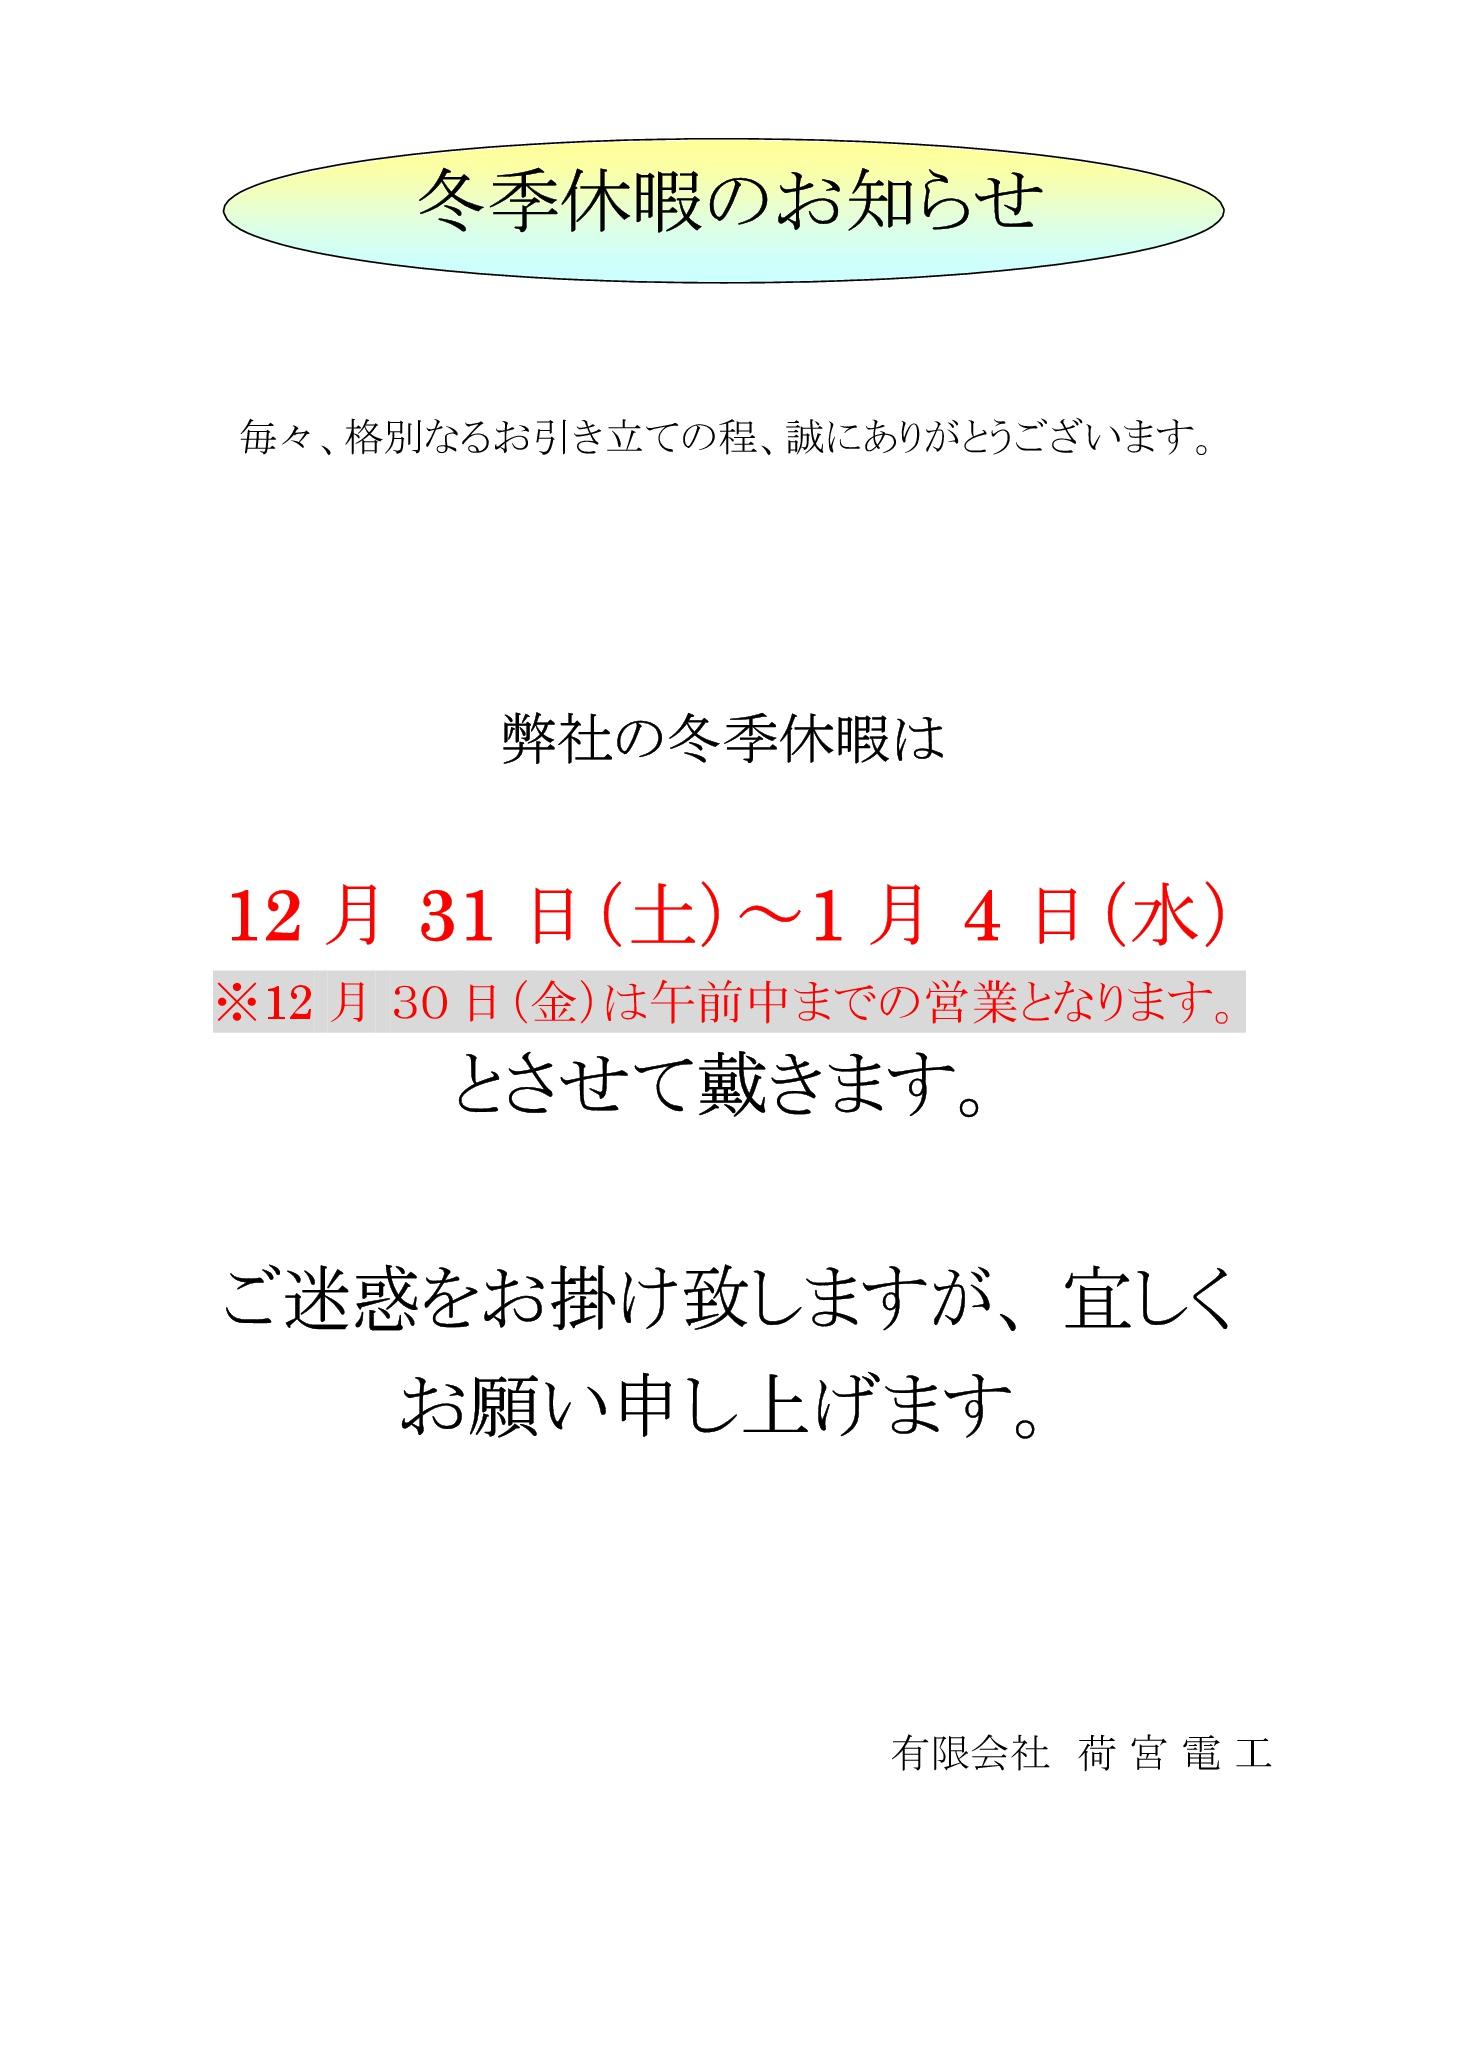 冬季休暇のお知らせ.jpg